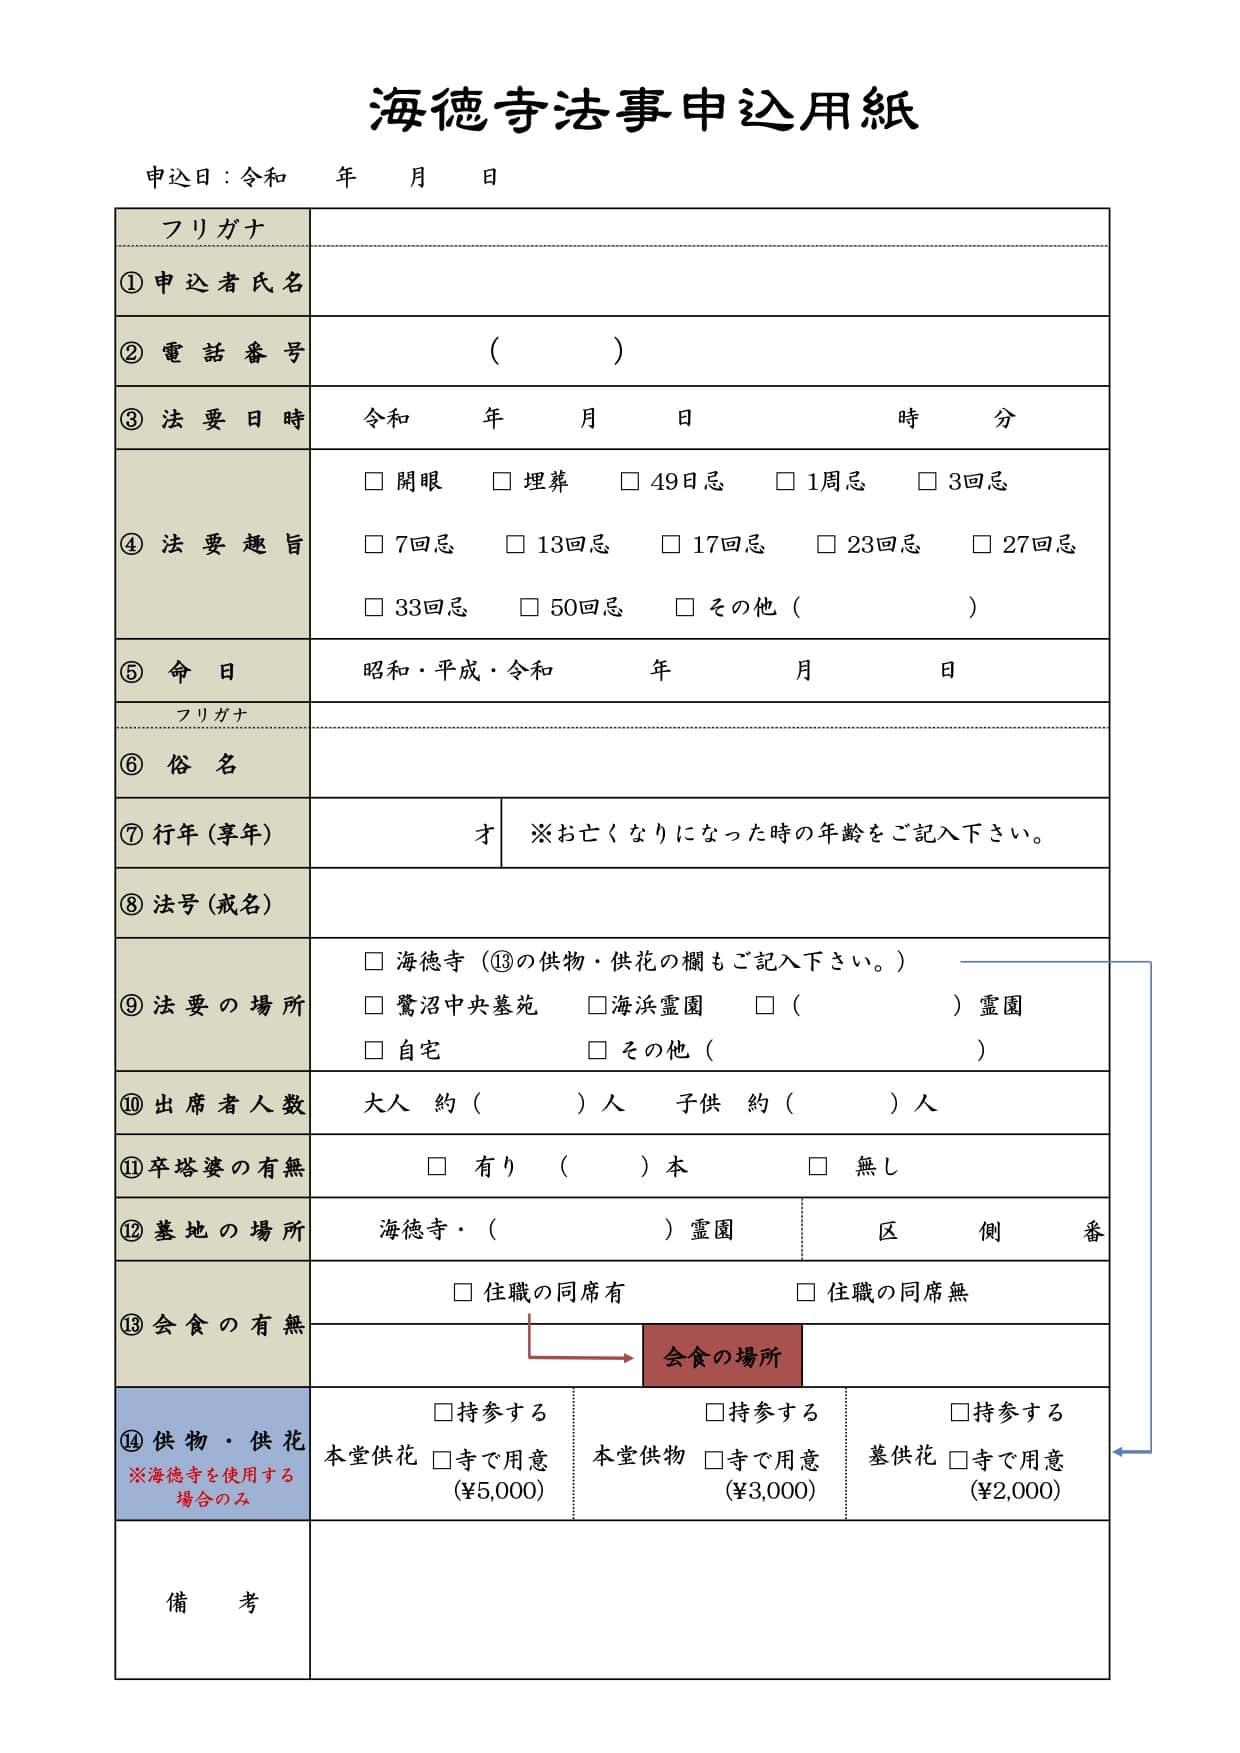 海徳寺法事申込用紙